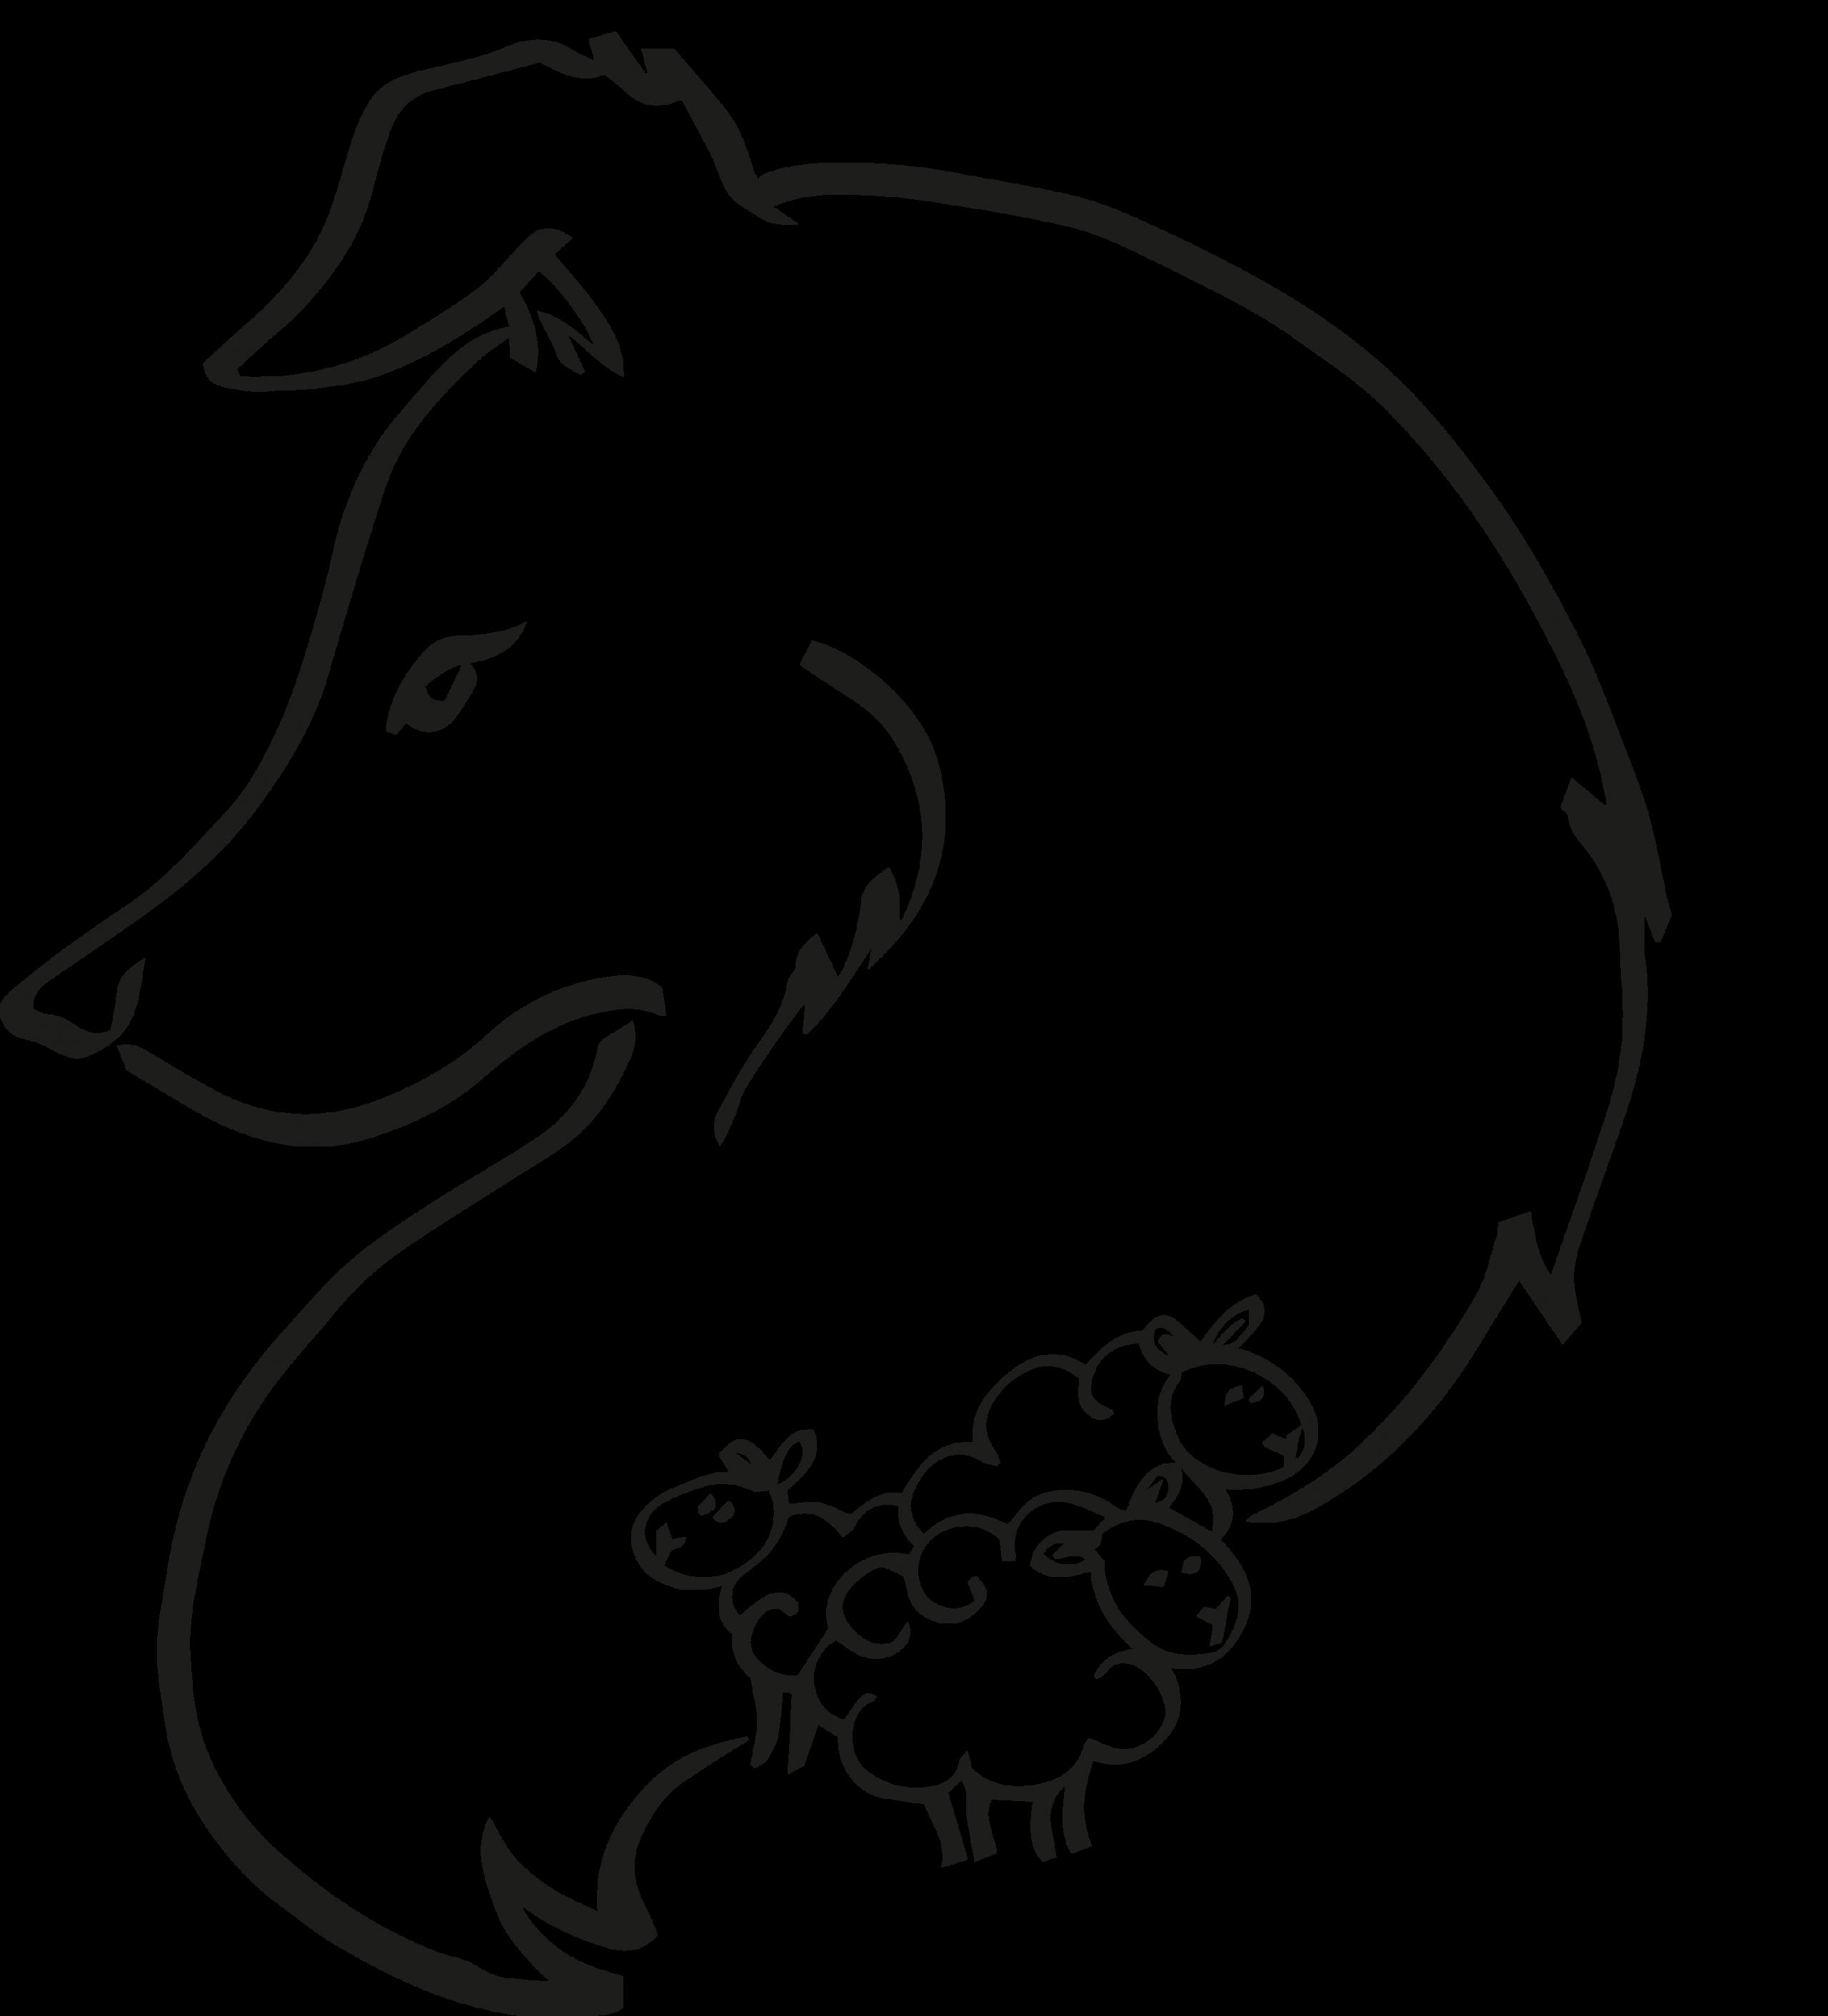 Vall-ligans kennel